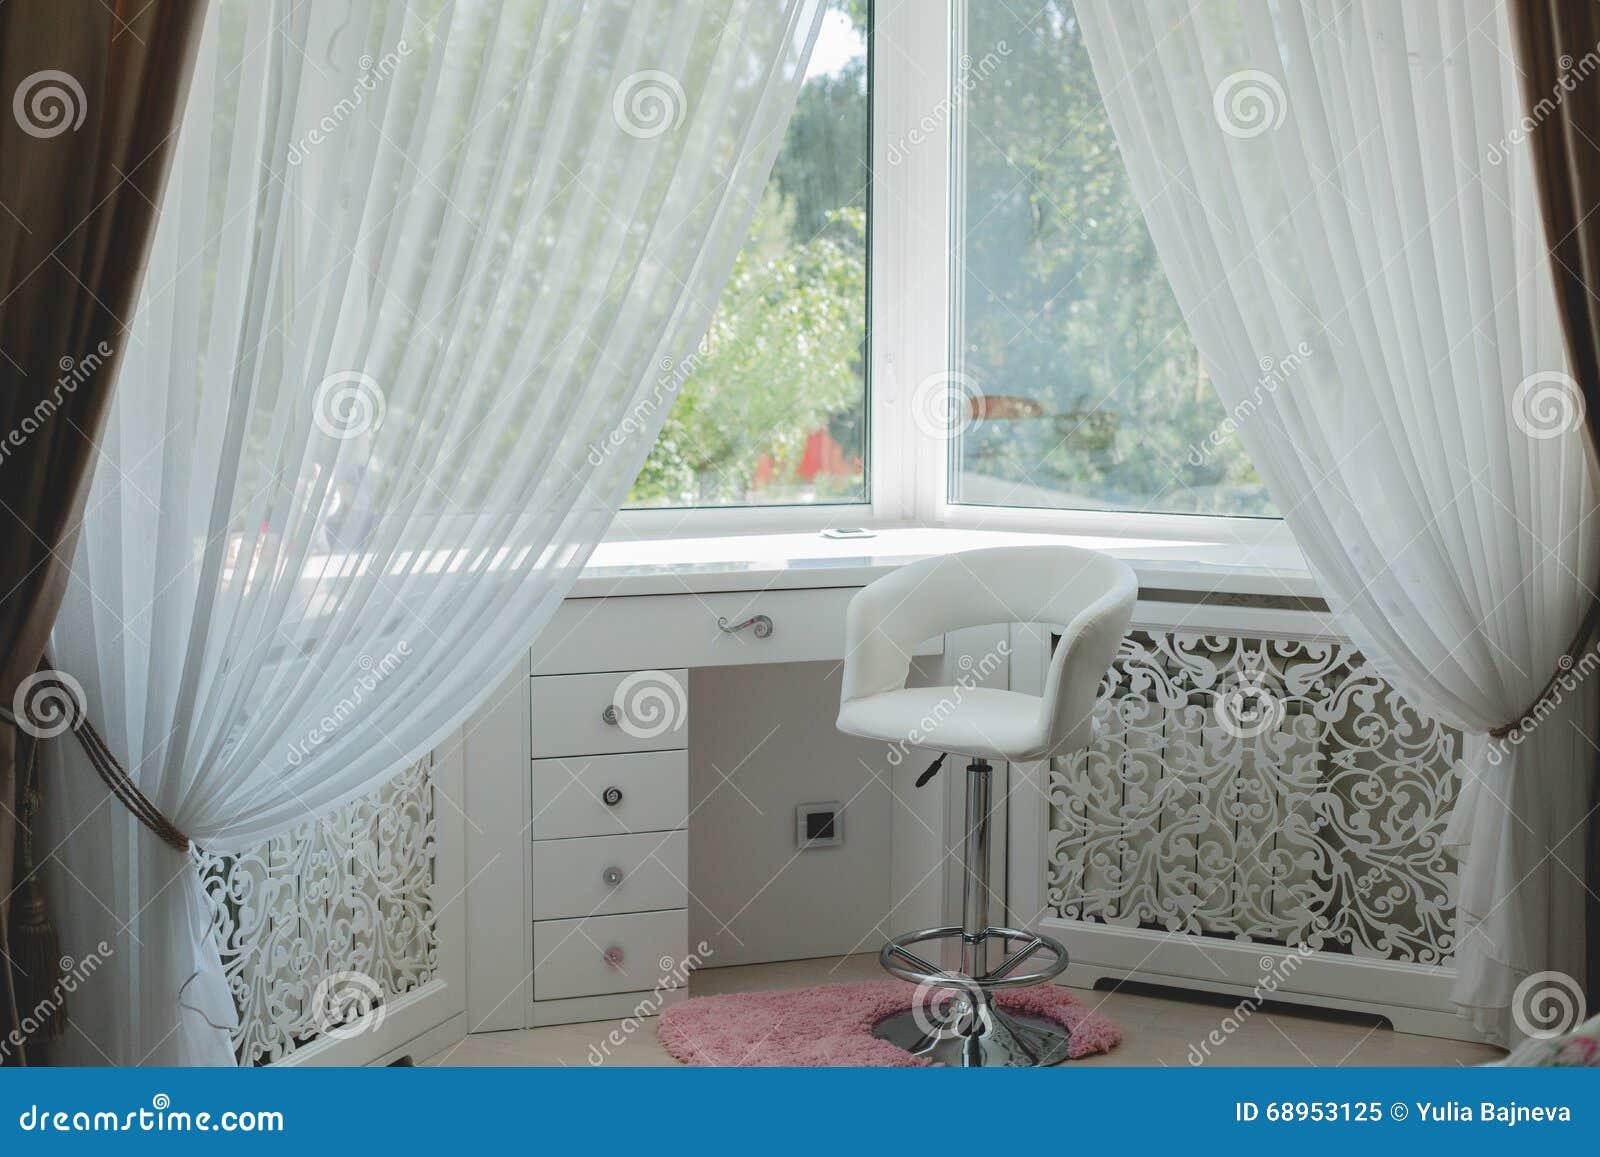 Stanza di sonno con il letto e la finestra fotografia - La finestra della camera da letto ...